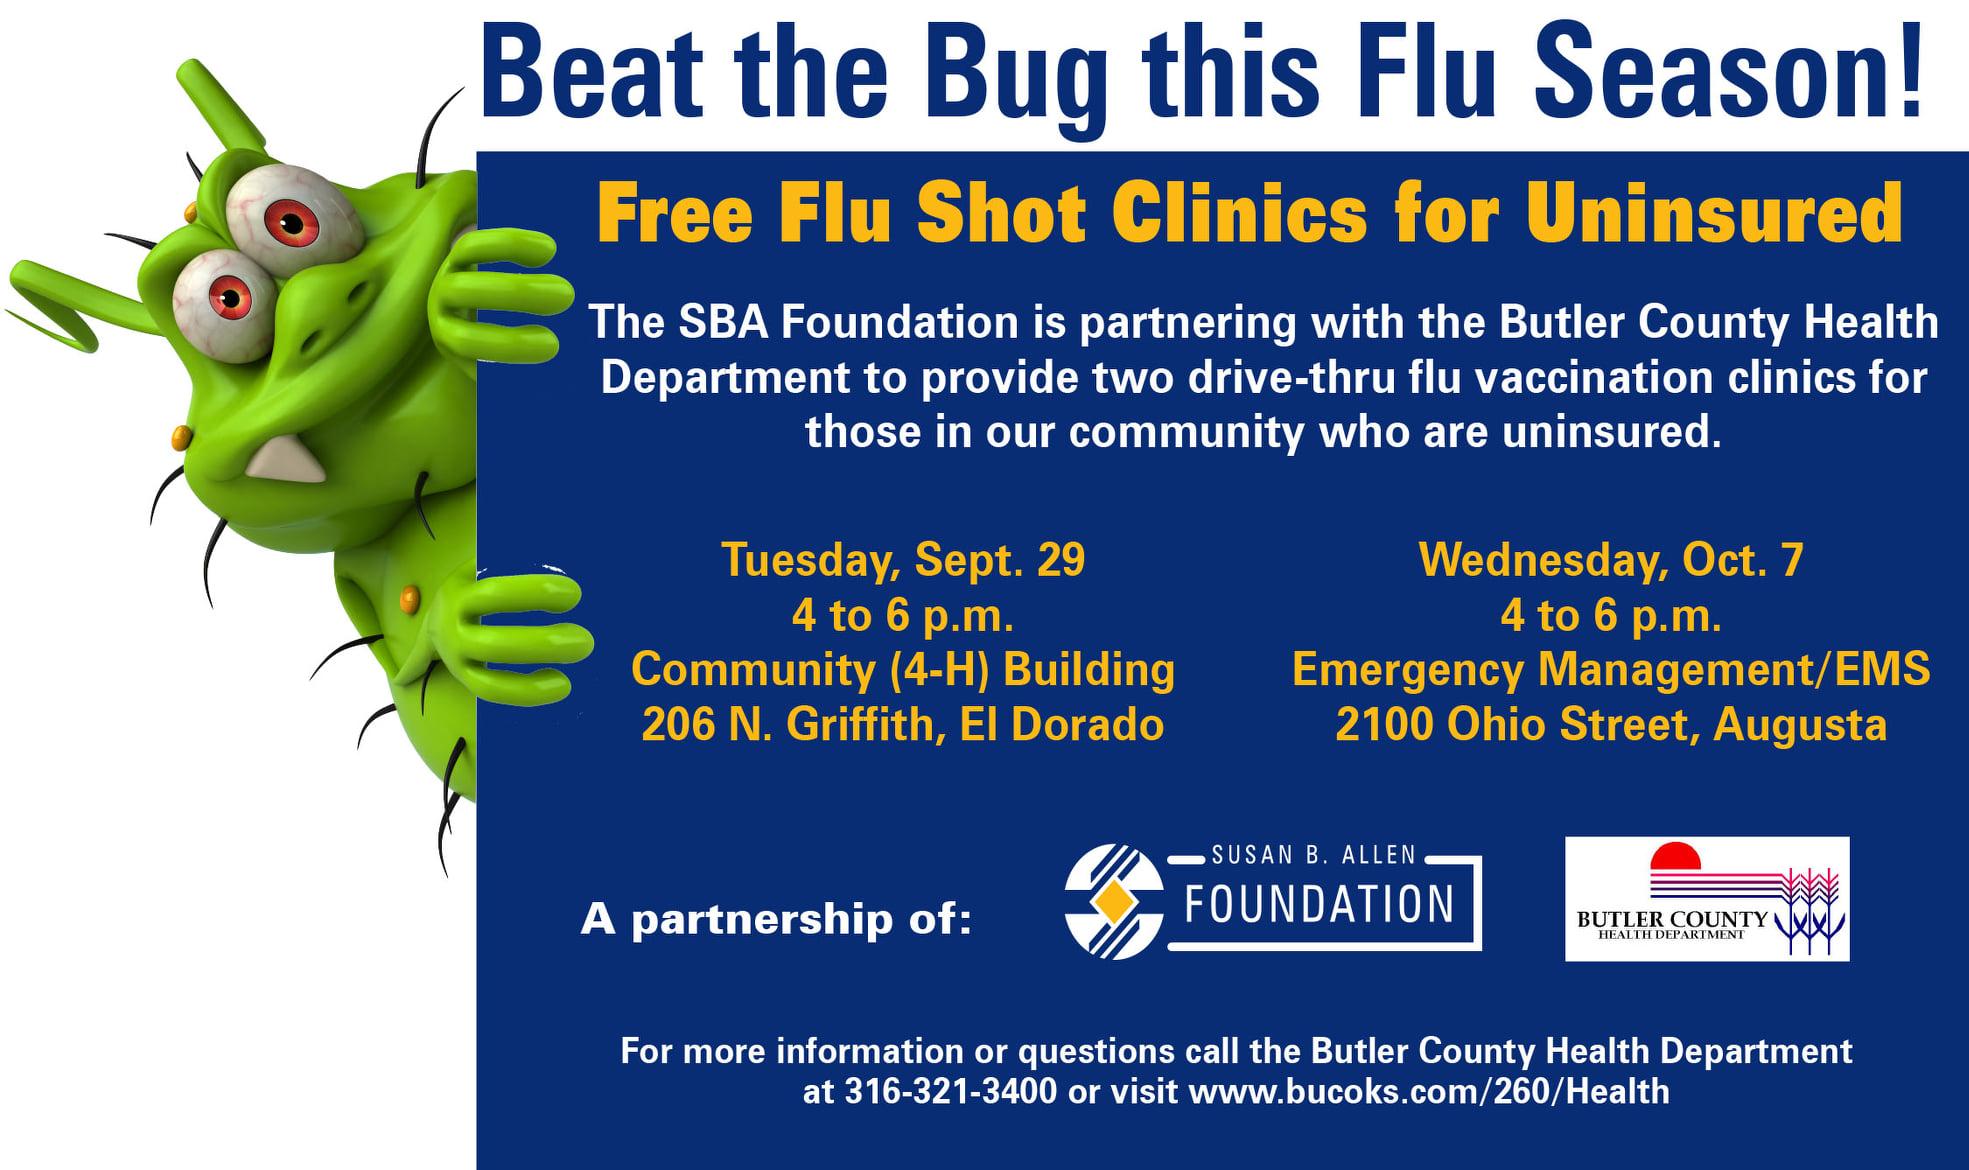 Free Flu Shot Clinics for Uninsured